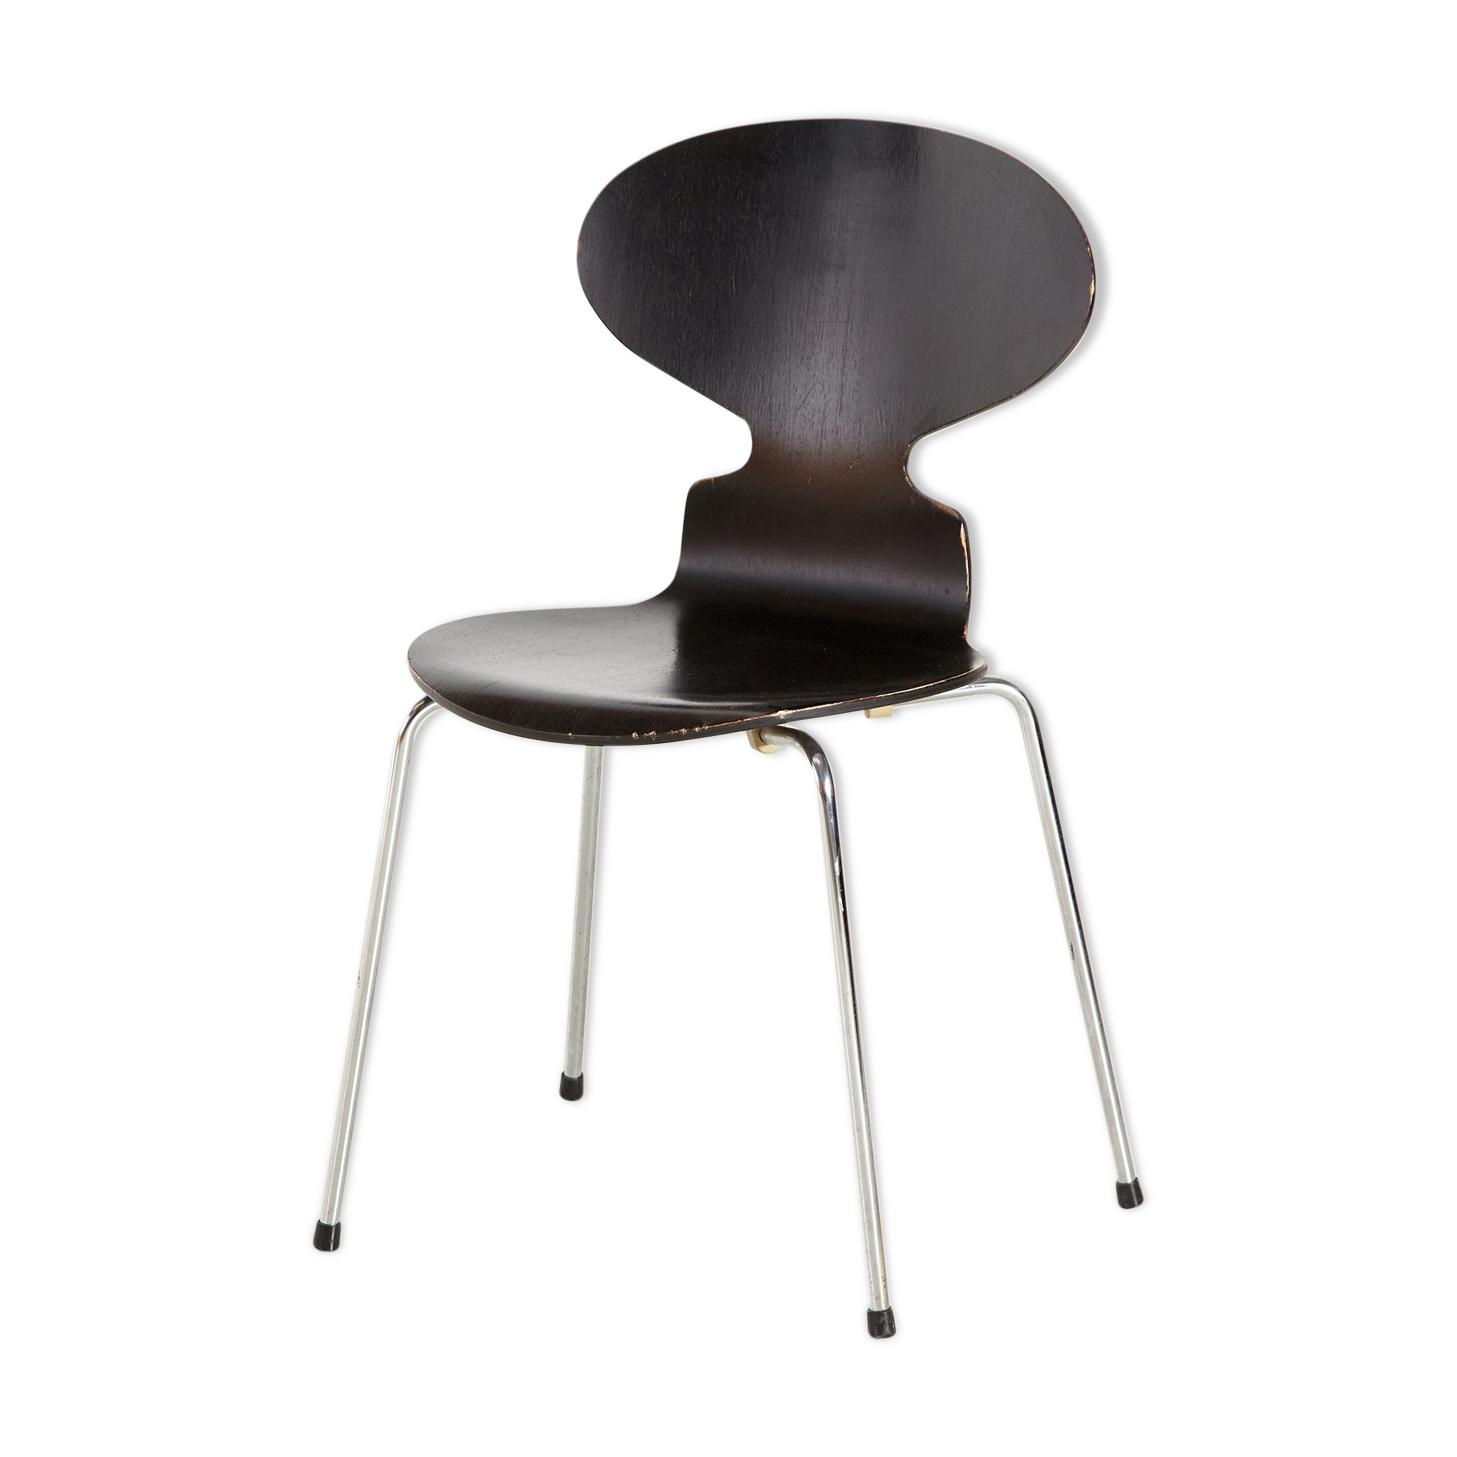 Chaise modèle 3101 par Arne Jacobsen pour Fritz Hansen